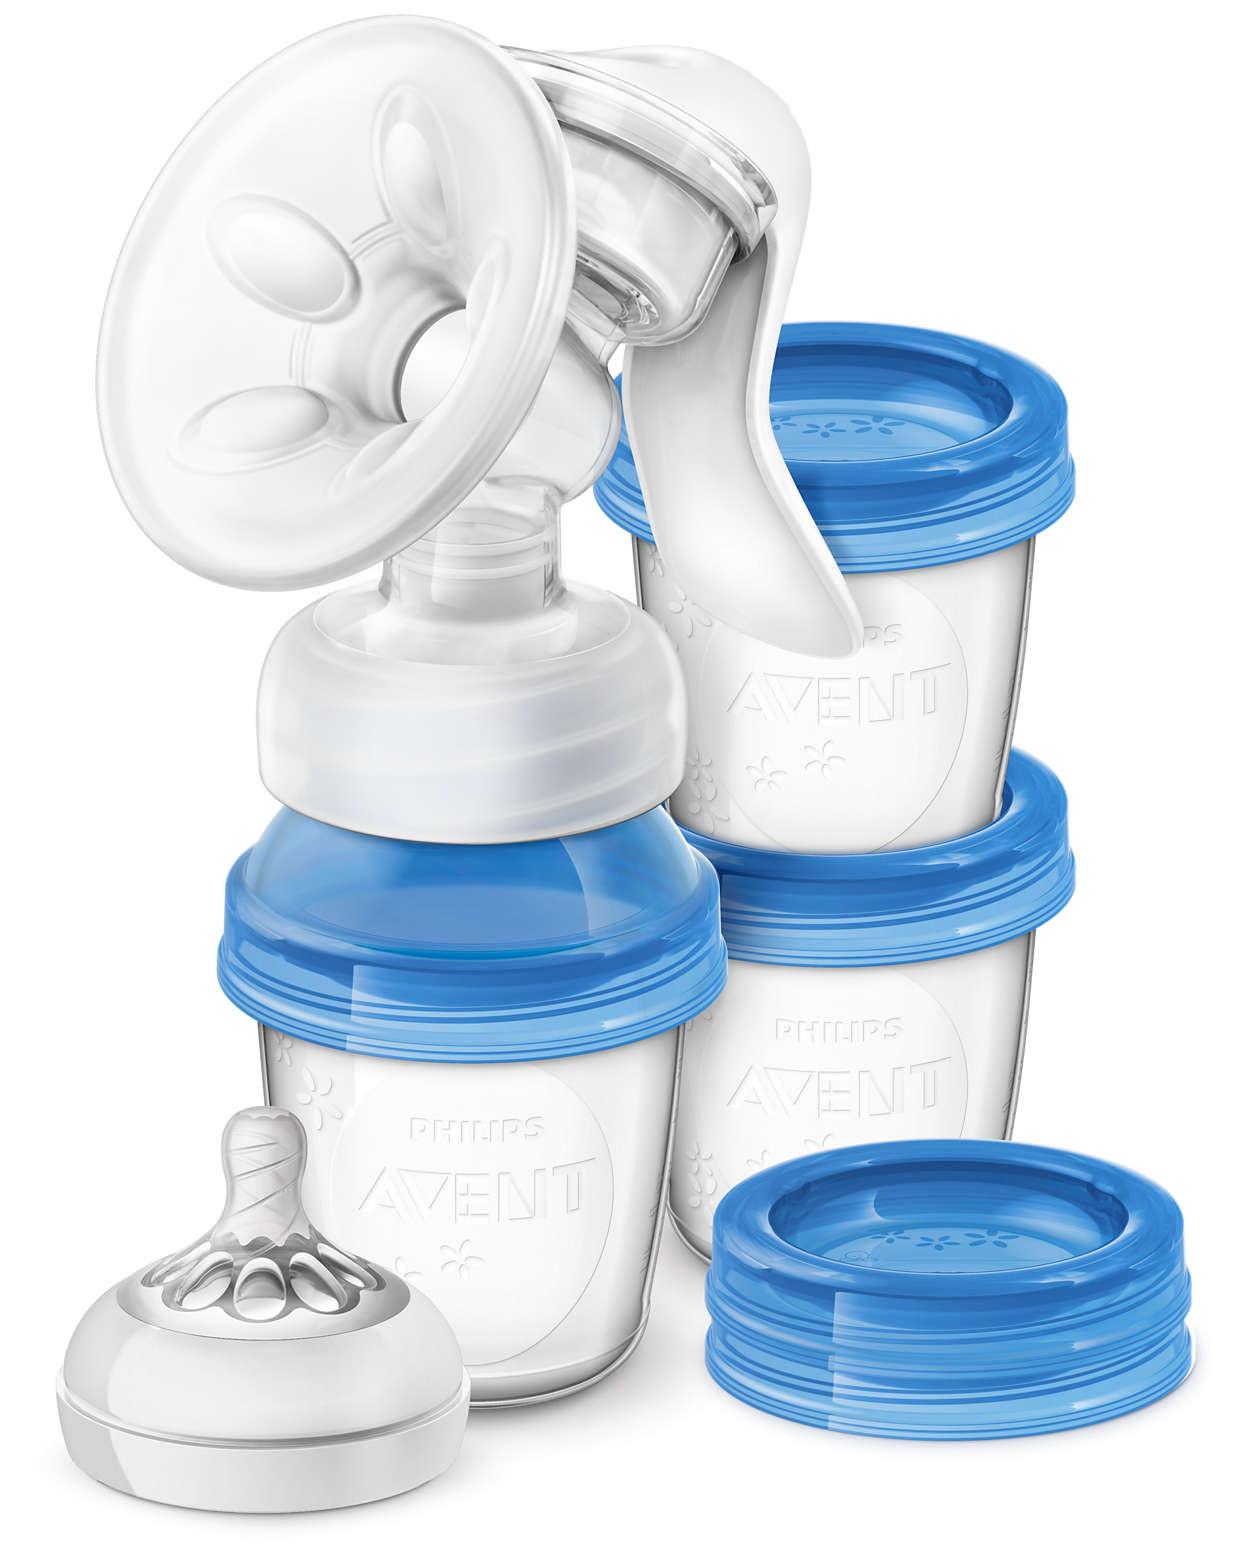 Más comodidad, más leche, fácil de transportar*